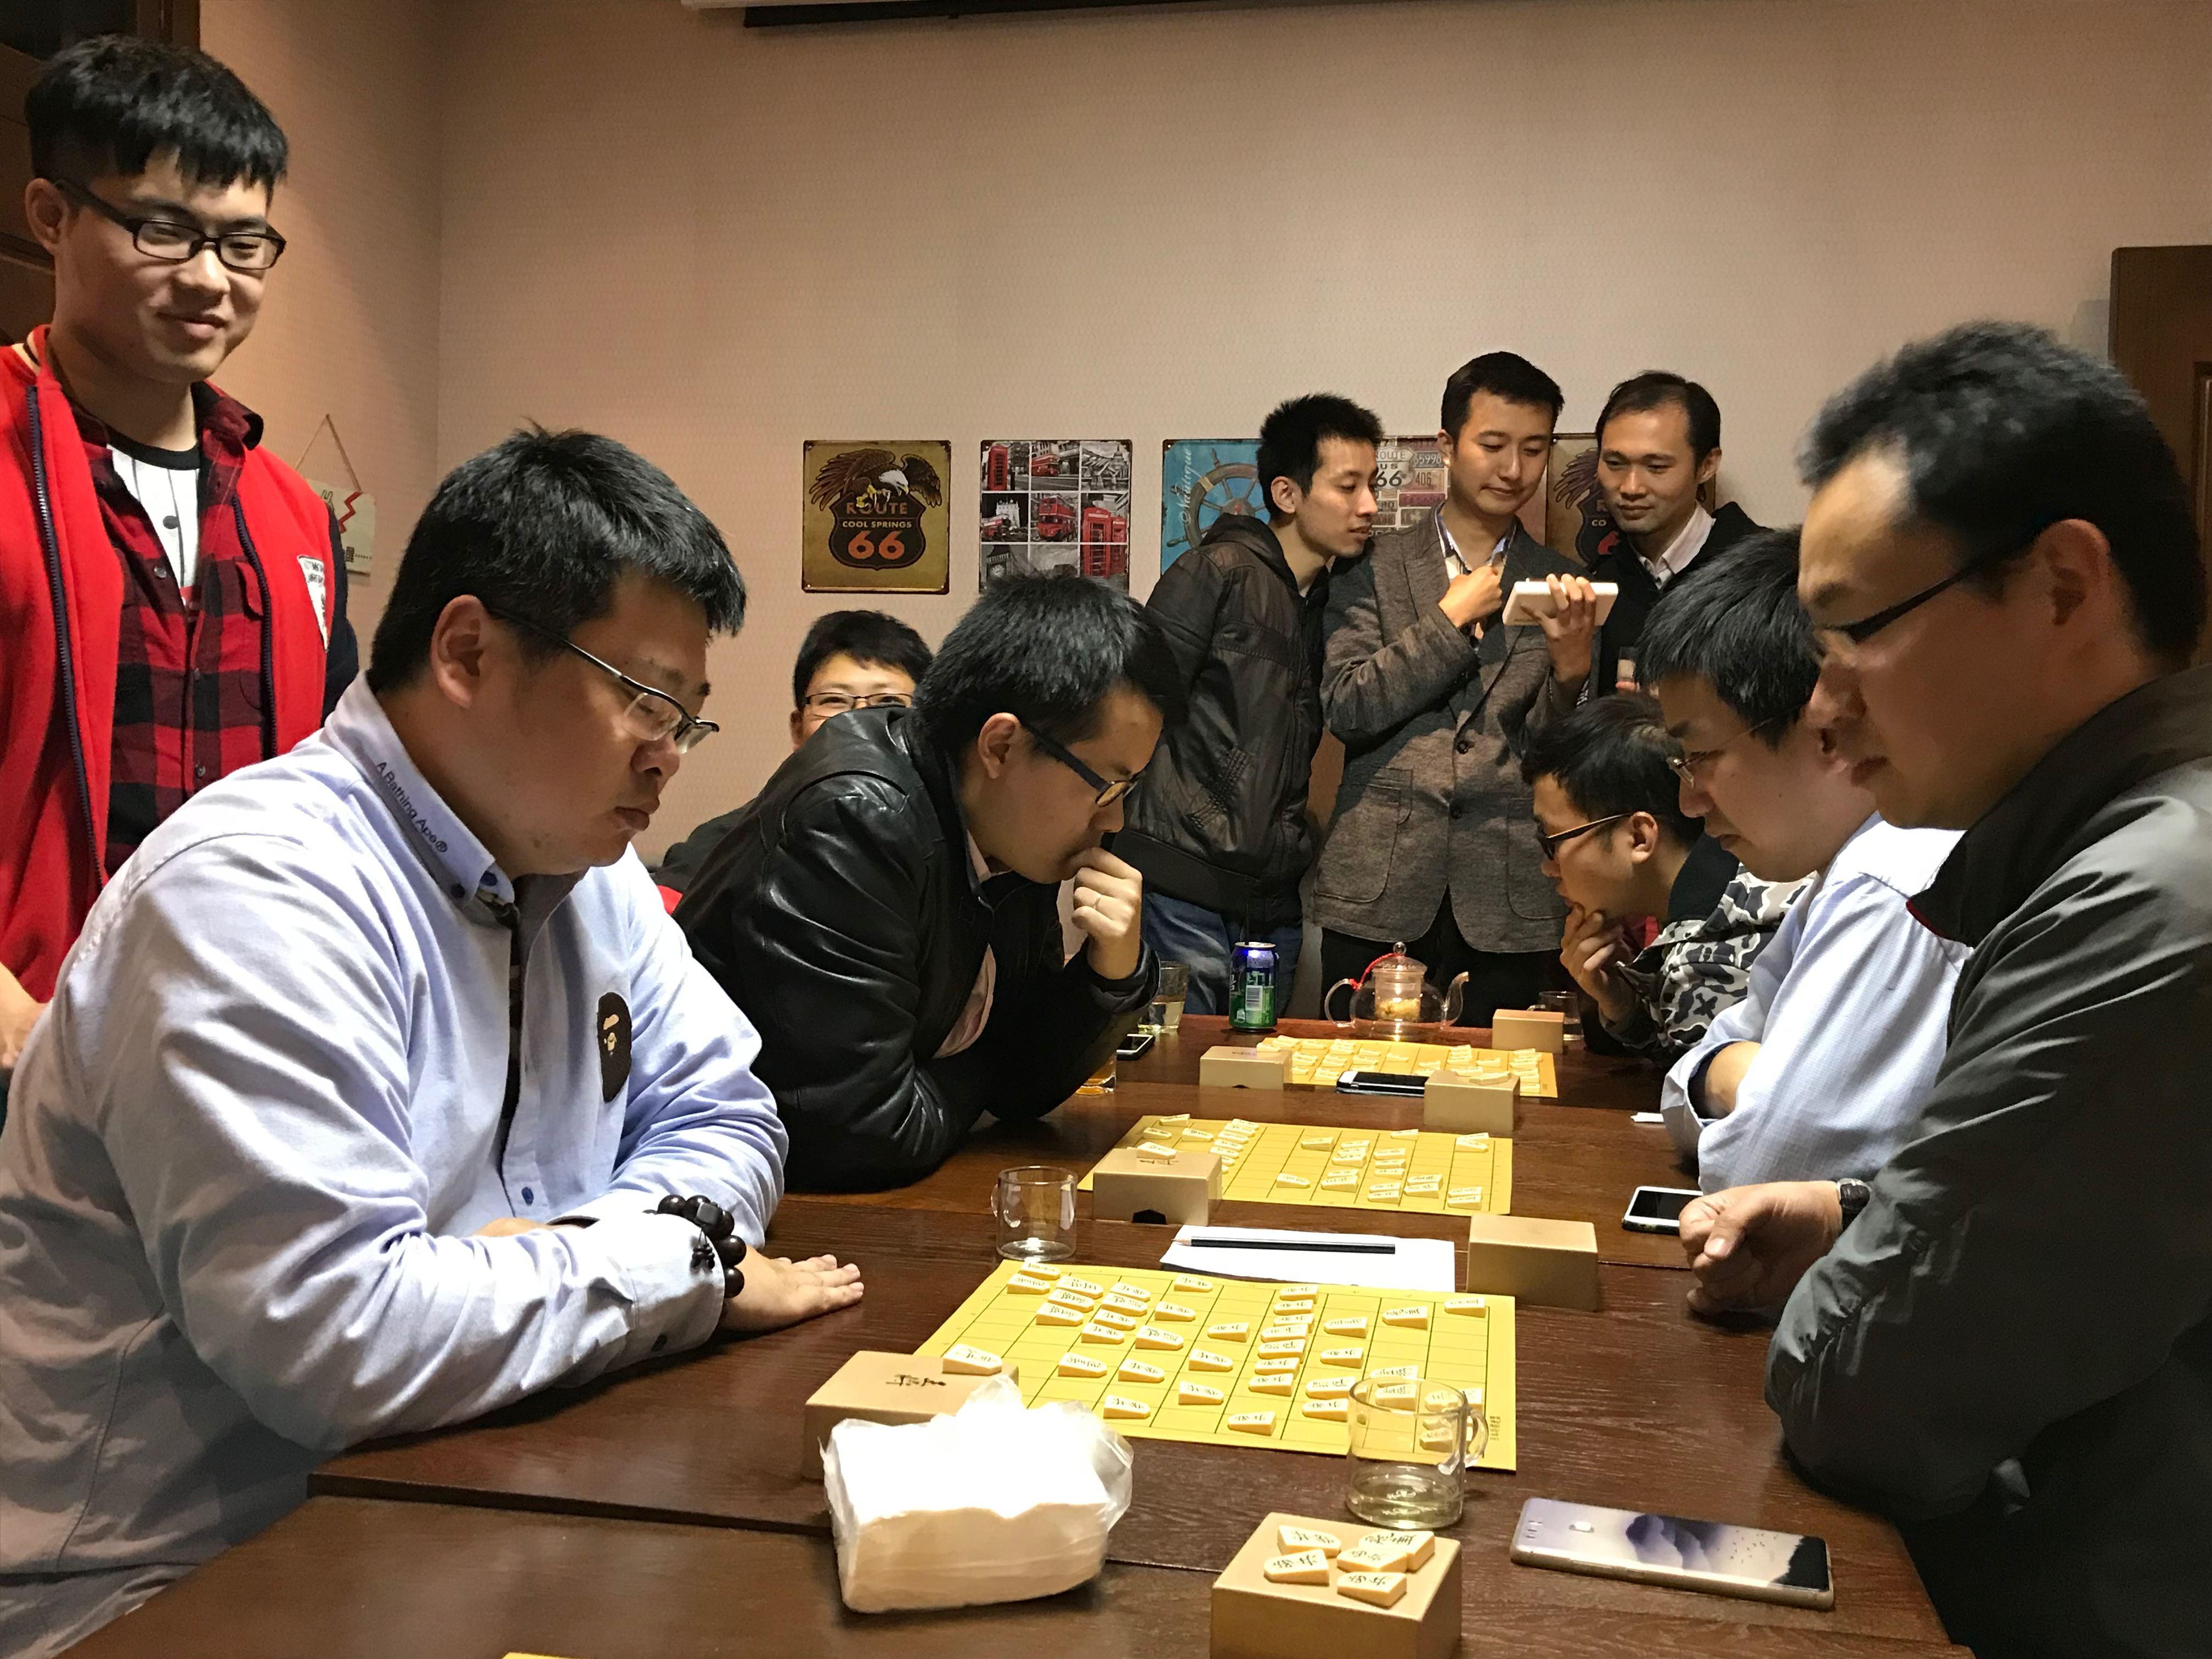 上海の20代、30代の若者が集まって将棋を指す